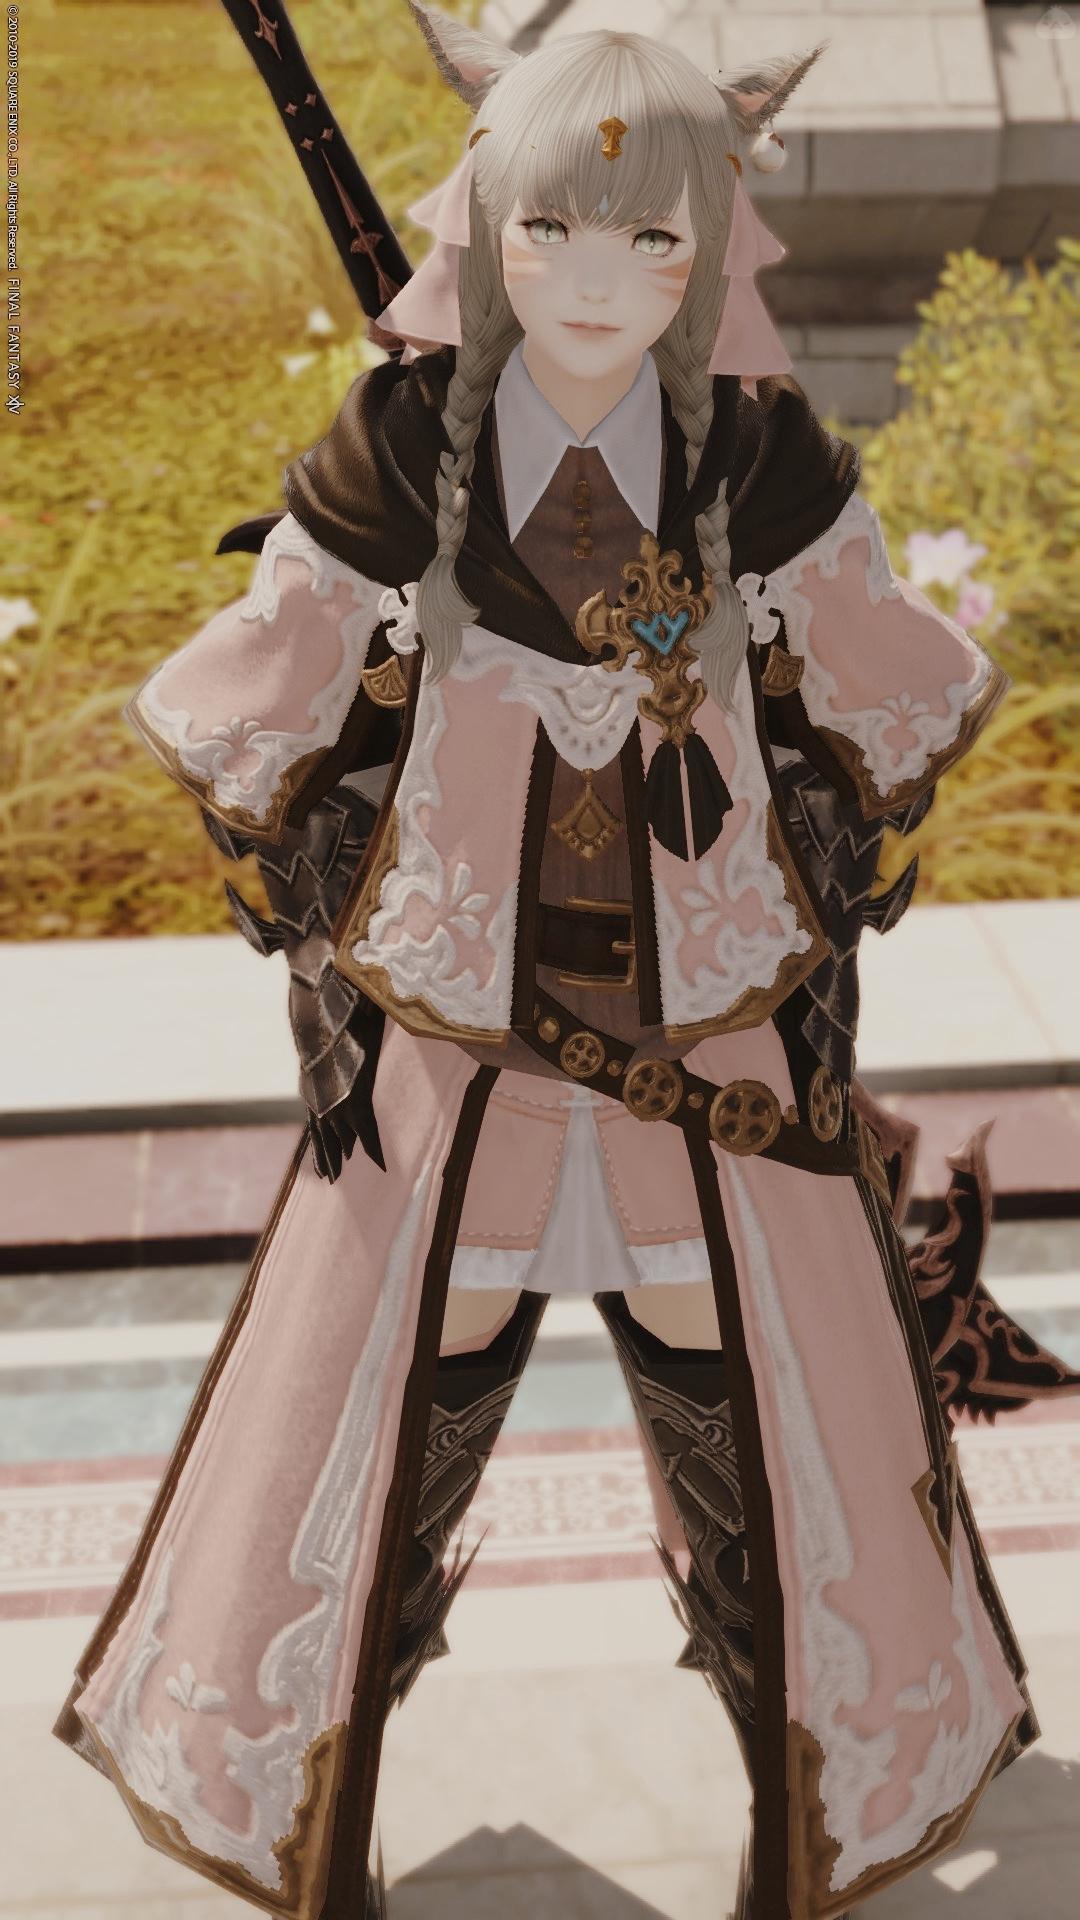 暗黒(ピンク)騎士